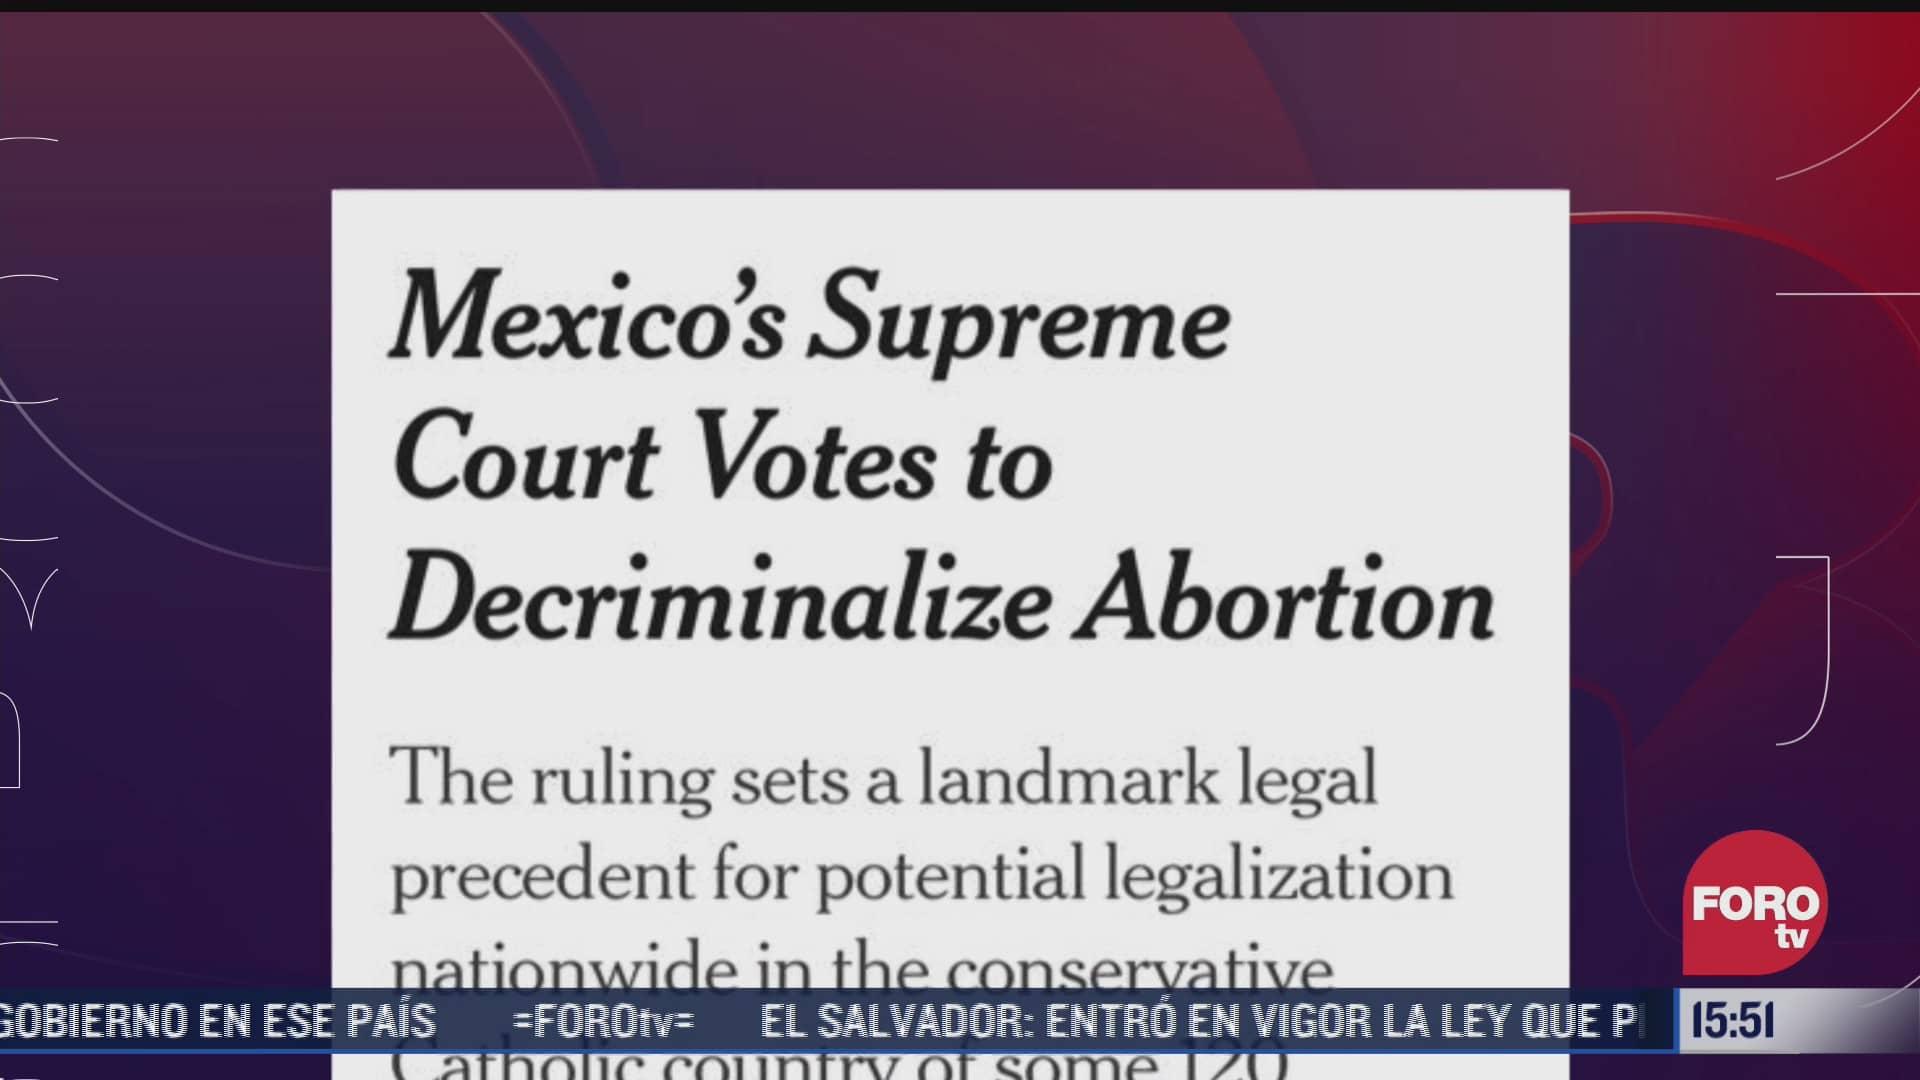 prensa internacional reacciona a la despenalizacion del aborto en mexico